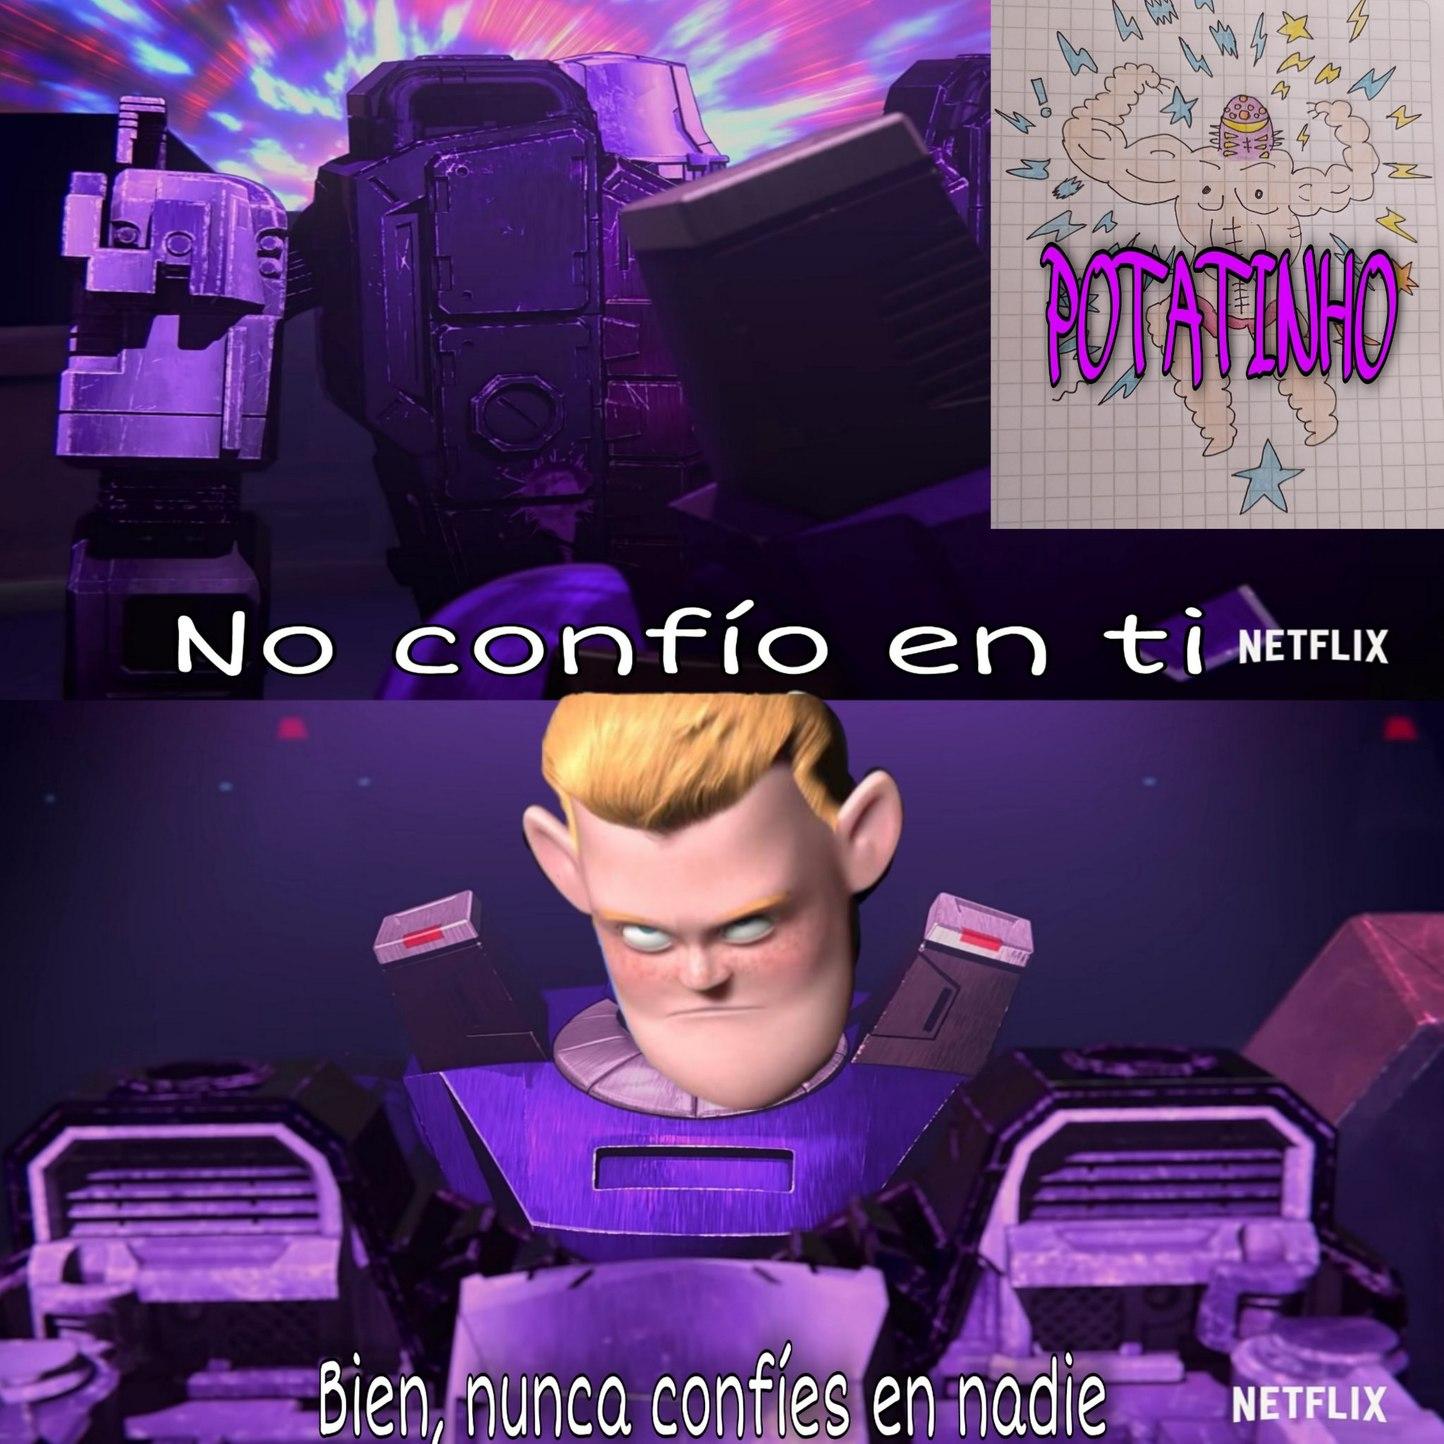 De Potatinho25Alv - meme